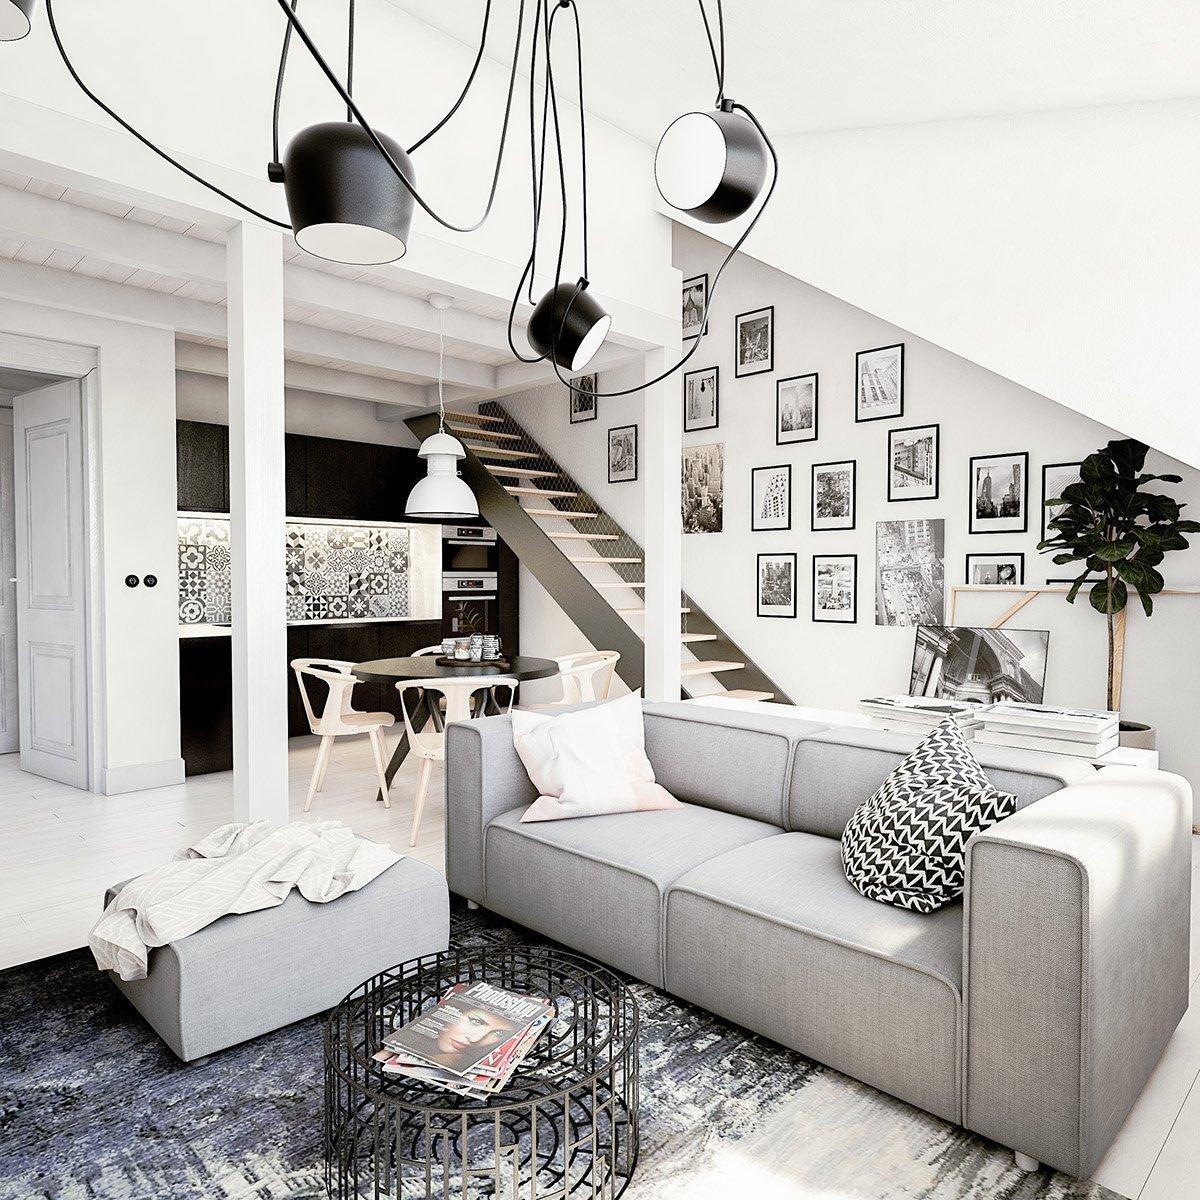 Černobílý interiér je nadčasový.